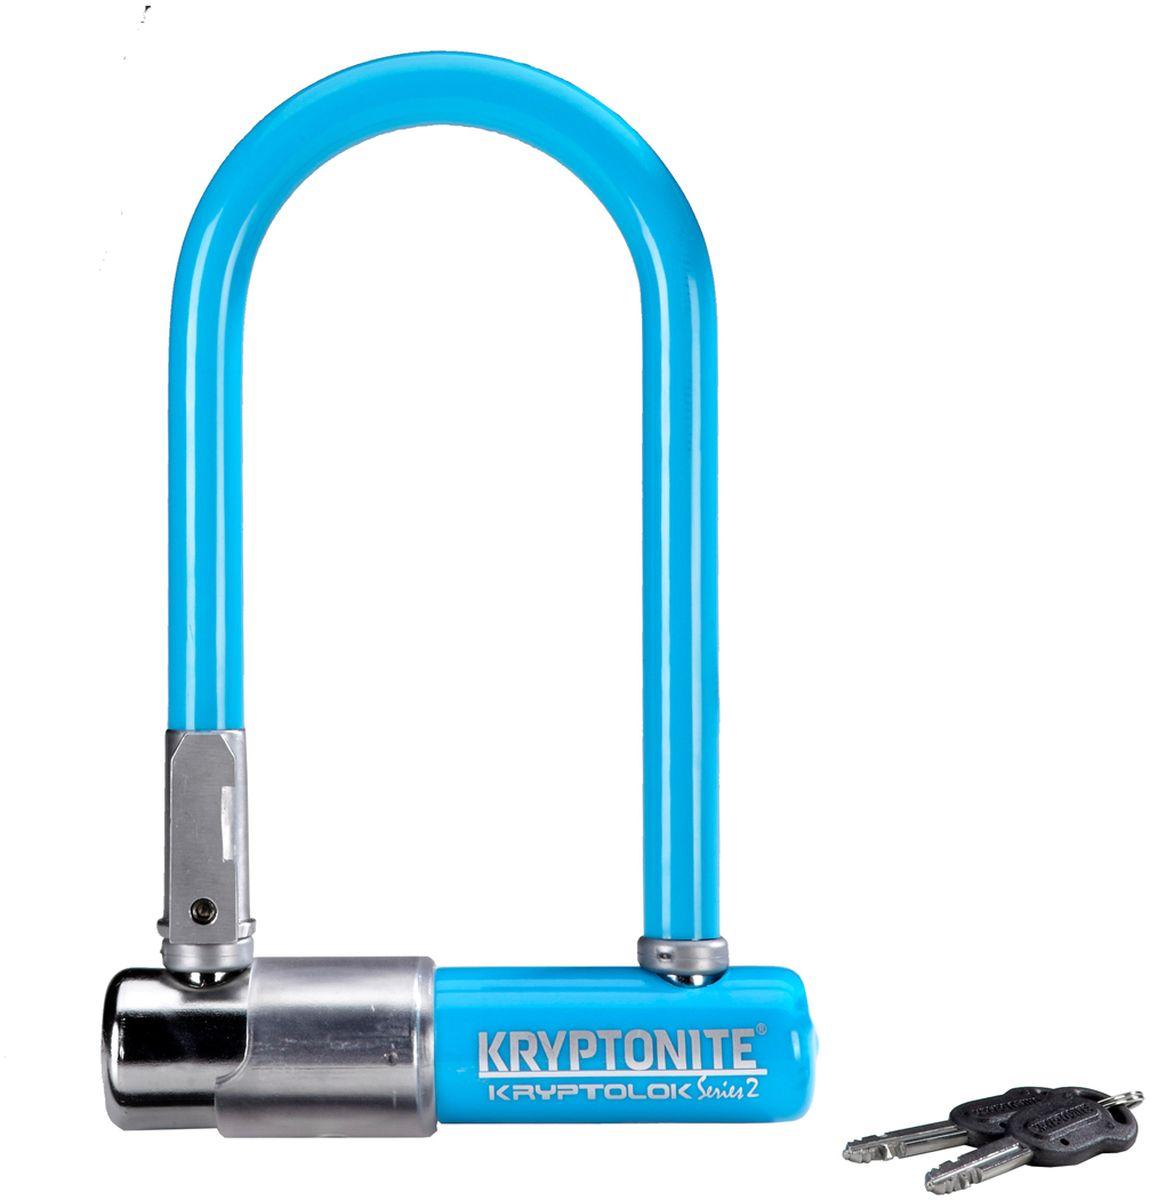 Замок велосипедный Kryptonite U-locks KryptoLok Series 2 Mini-7, U-образный, цвет: синий, 8,2 х 17 см0720018001560Велозамок Kryptonite Kryptolok series 2 Mini-7 имеет компактный размер, надёжность и яркую цветовую гамму.Уникальный набор ключей, 13-ти миллиметровая дужка и двойная конструкция засова гарантированно не поддадутся кусачкам и взлому. Благодаря своим габаритам, u-lock легко возить с собой в сумке или за ремнем.Характеристика:- 13 мм закаленная стальная скоба;- Система Transit Flex Frame-U для крепления к раме байка;- Виниловое покрытие, не оставляющее царапин на раме;- Защита от стука и шума;- Защита от пыли и влаги;- В комплекте - 2 ключа;- Уровень защиты 6 из 10.Диаметр дуги замка: 13 мм.Размеры замка: 8,2 х 17 см.Вес модели: 1,11 кг.